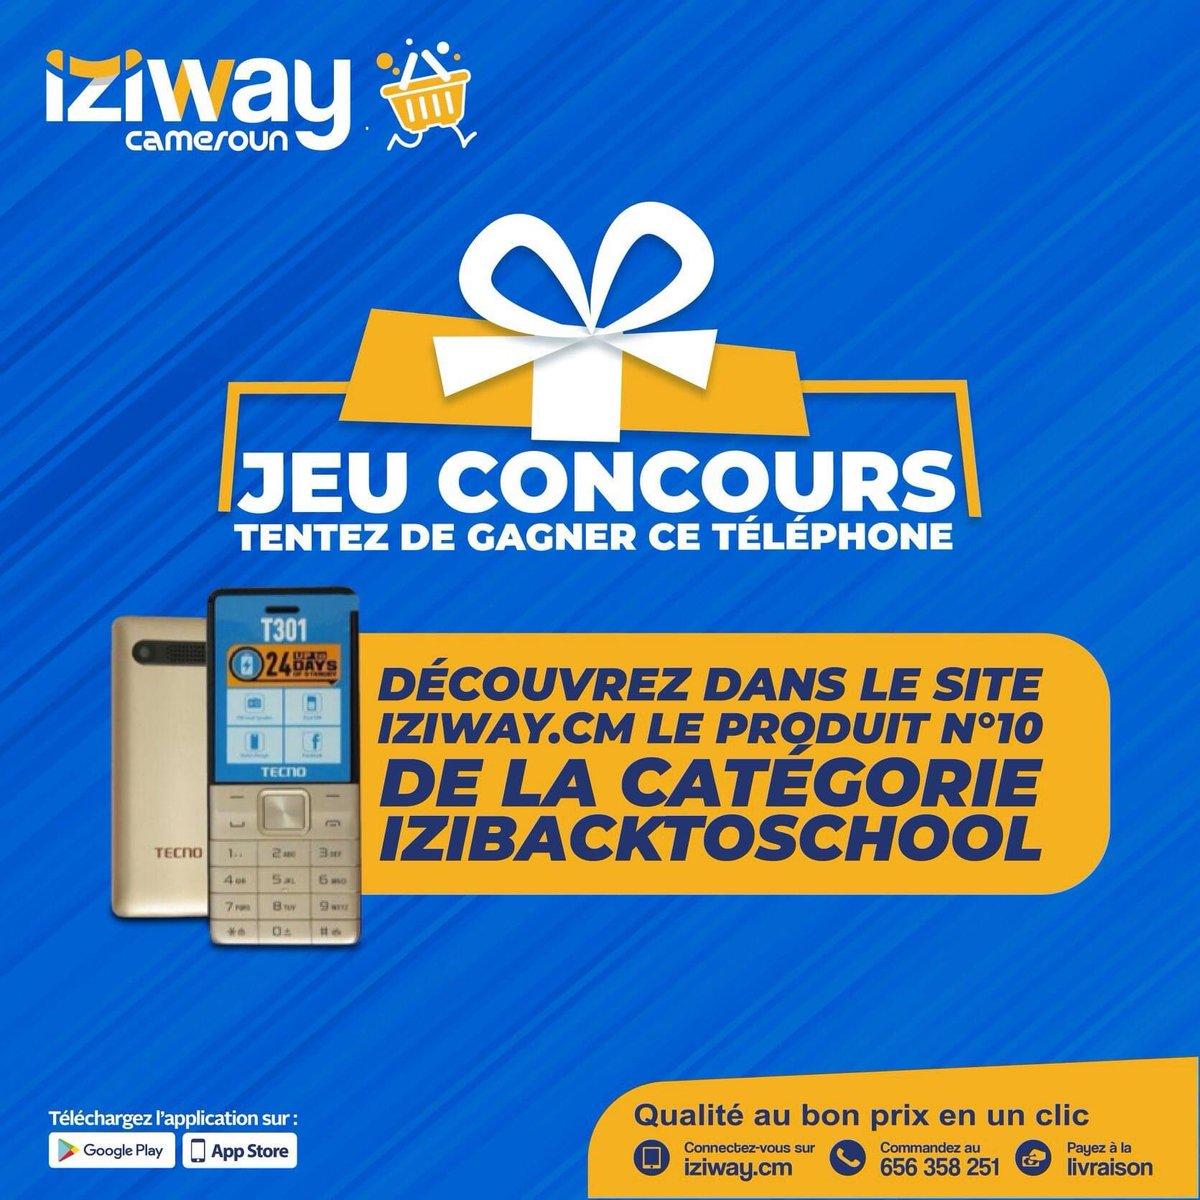 🎁 JEU CONCOURS🎁  Téléphone TECNO T301 à gagner  🔸 Suivez le lien de la catégorie izibacktoschool ( https://t.co/p7K1biWuLZ ) 🔸 Trouvez quel est le 10ème produit de cette catégorie 🔸 Mettez en commentaire le nom du produit  ⚠️ FIN DU CONCOURS LE DIMANCHE LE 20 https://t.co/Be2EZzkuMS